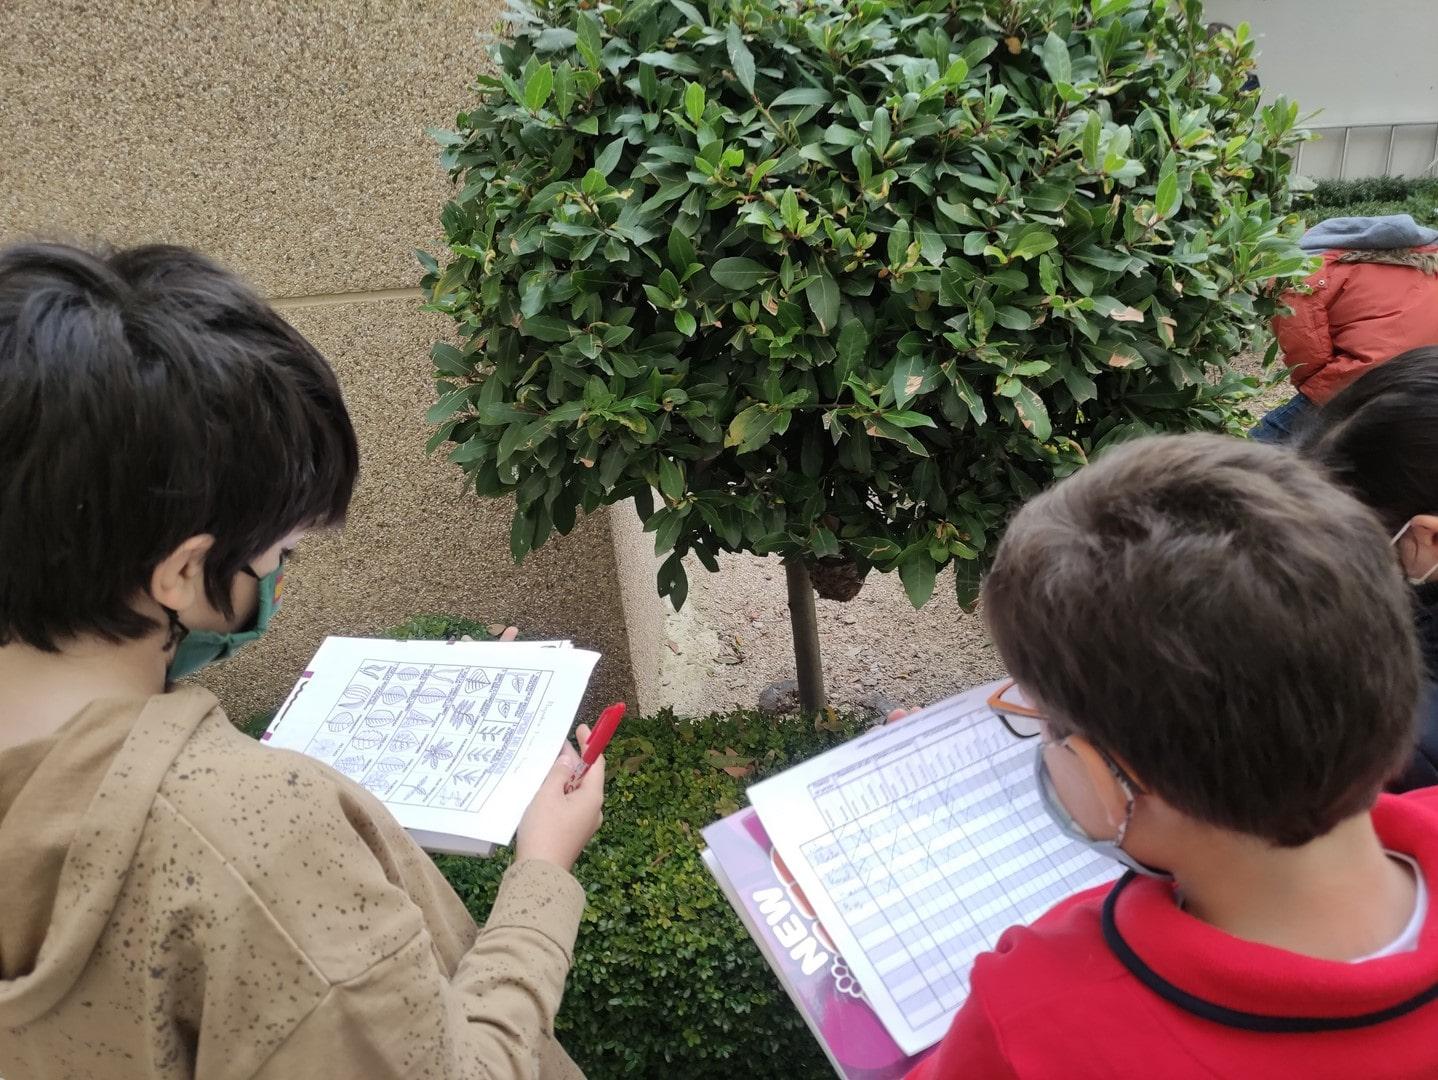 Los alumnos de 5º de Educación Primaria del Colegio Blanca de Castilla de Palencia visitan el jardín del colegio